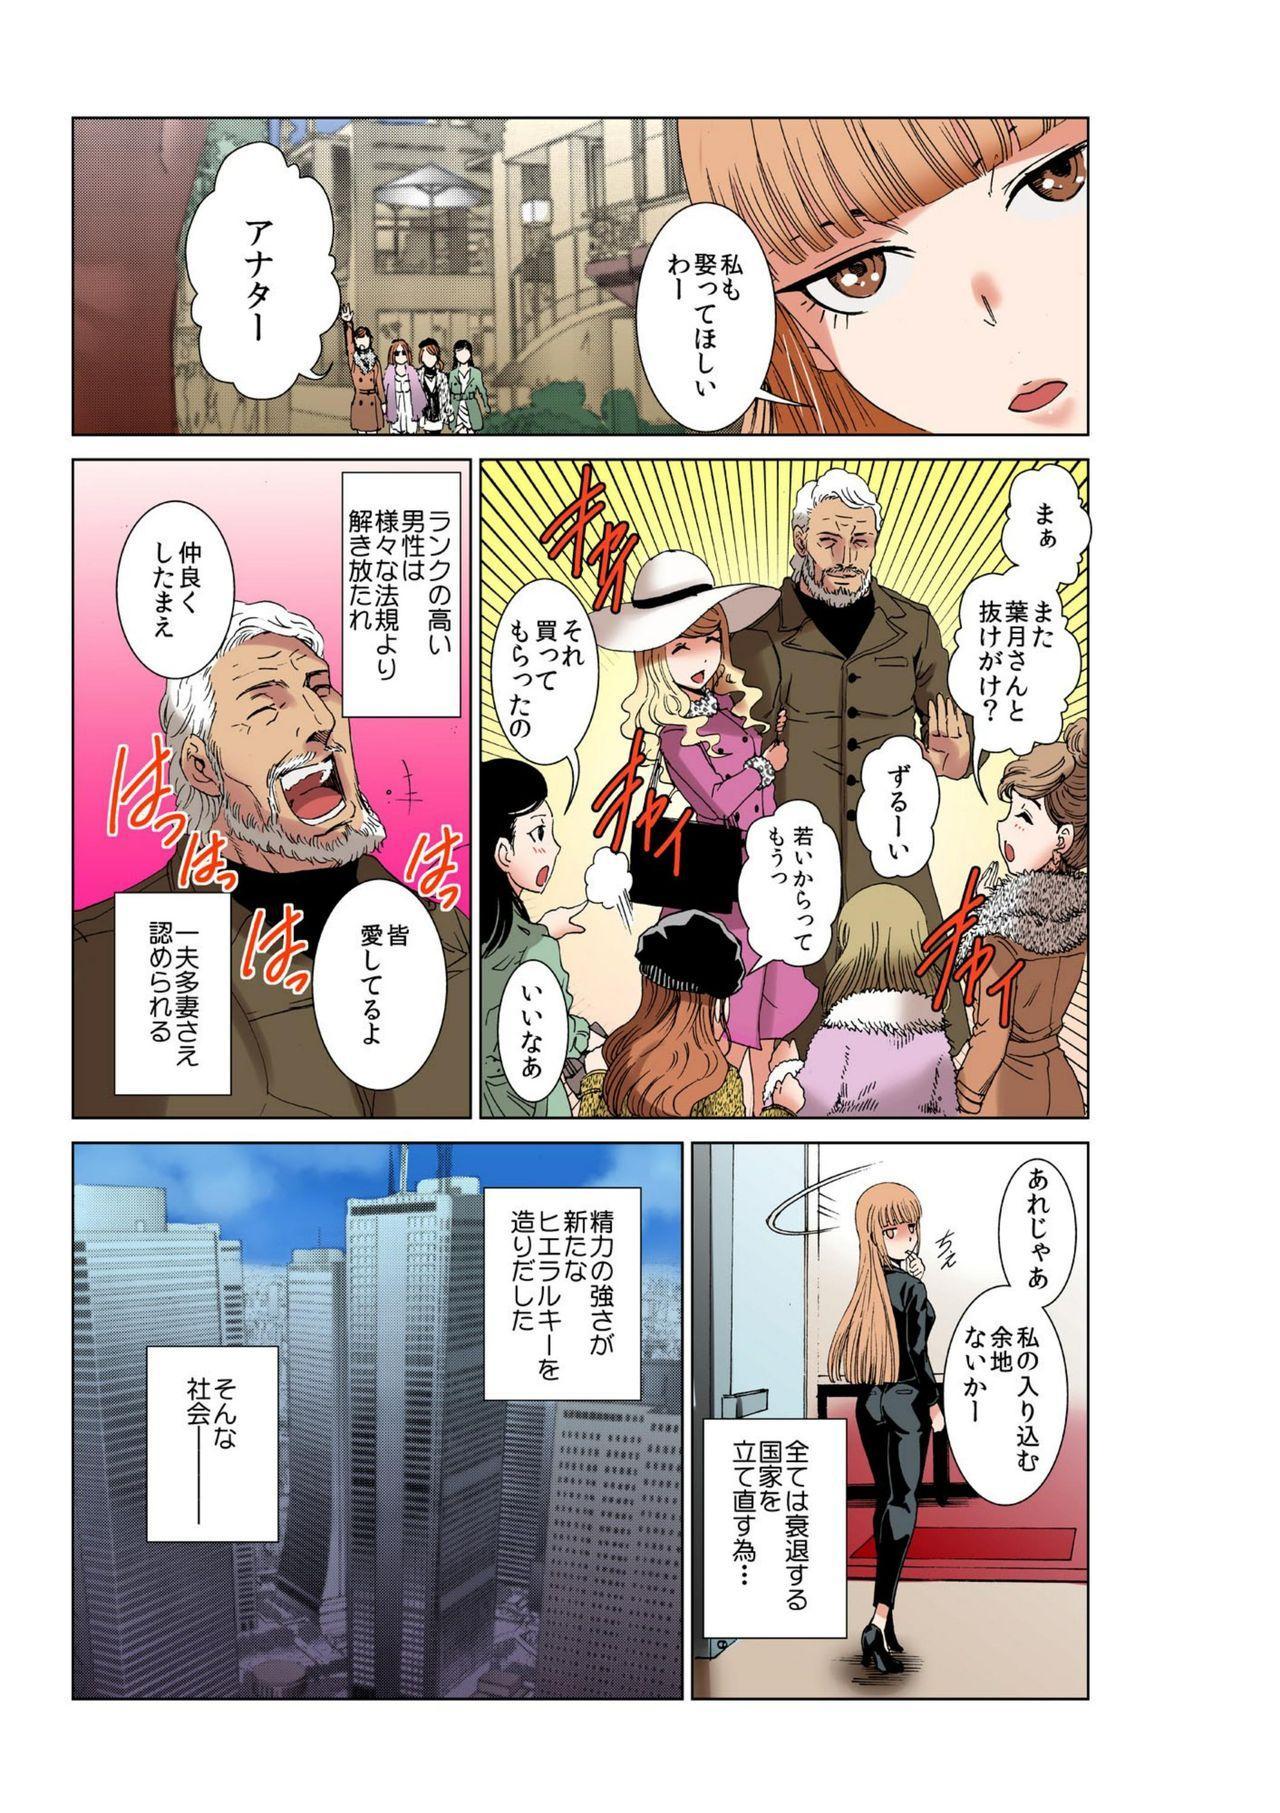 [Rurukichi] Seishi ga Kane ni Naru Jidai ~Mesubuta ga Muragaru Ore-sama no Kokan~ 1 7